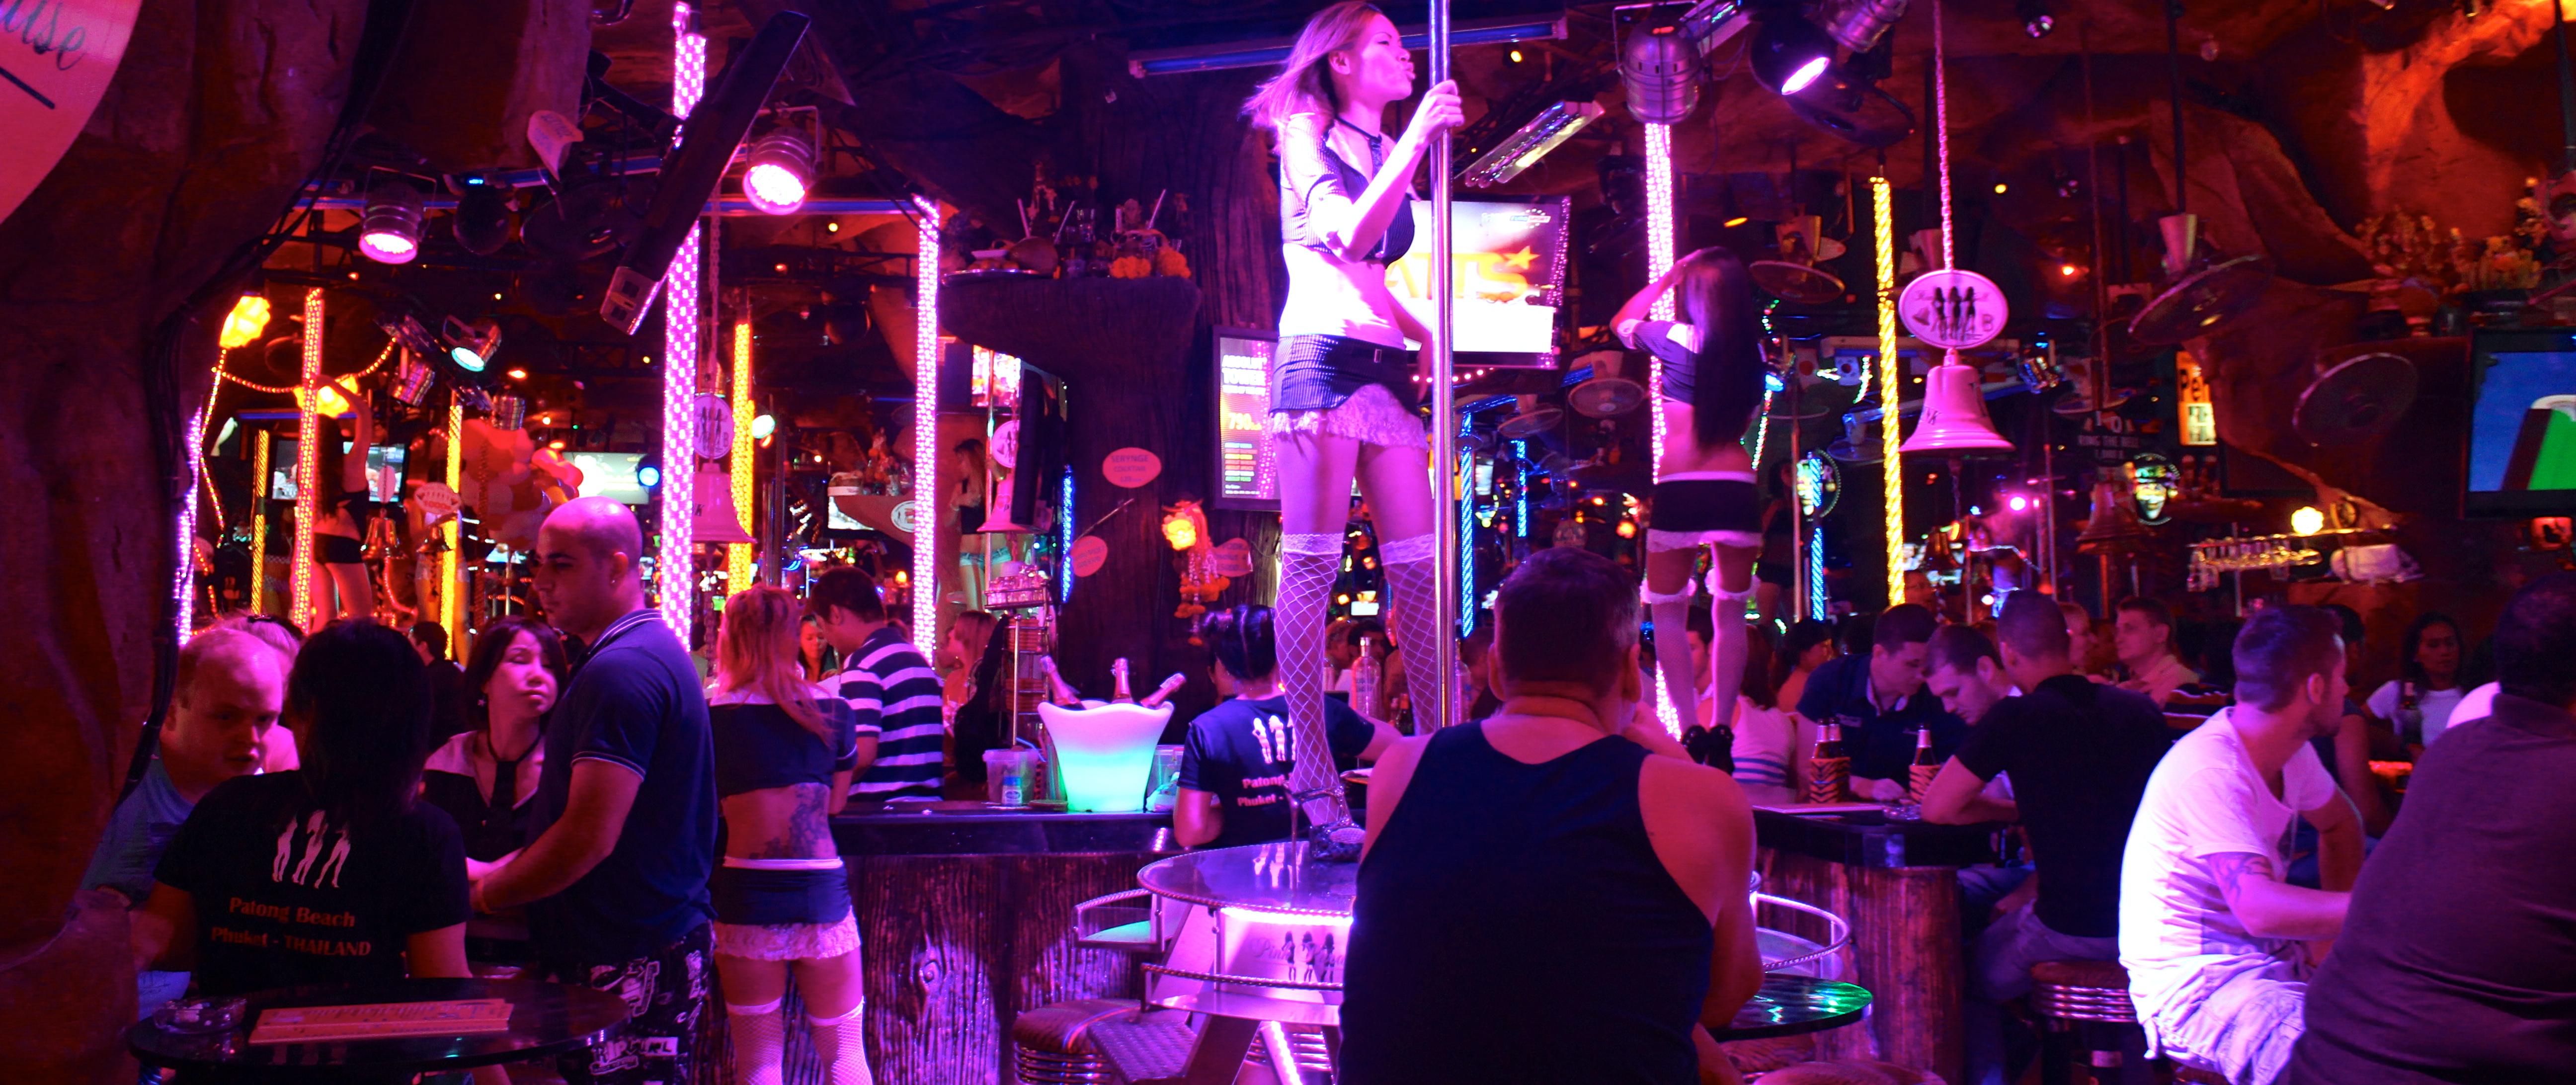 prostitutas tailandesas santiago segura prostitutas